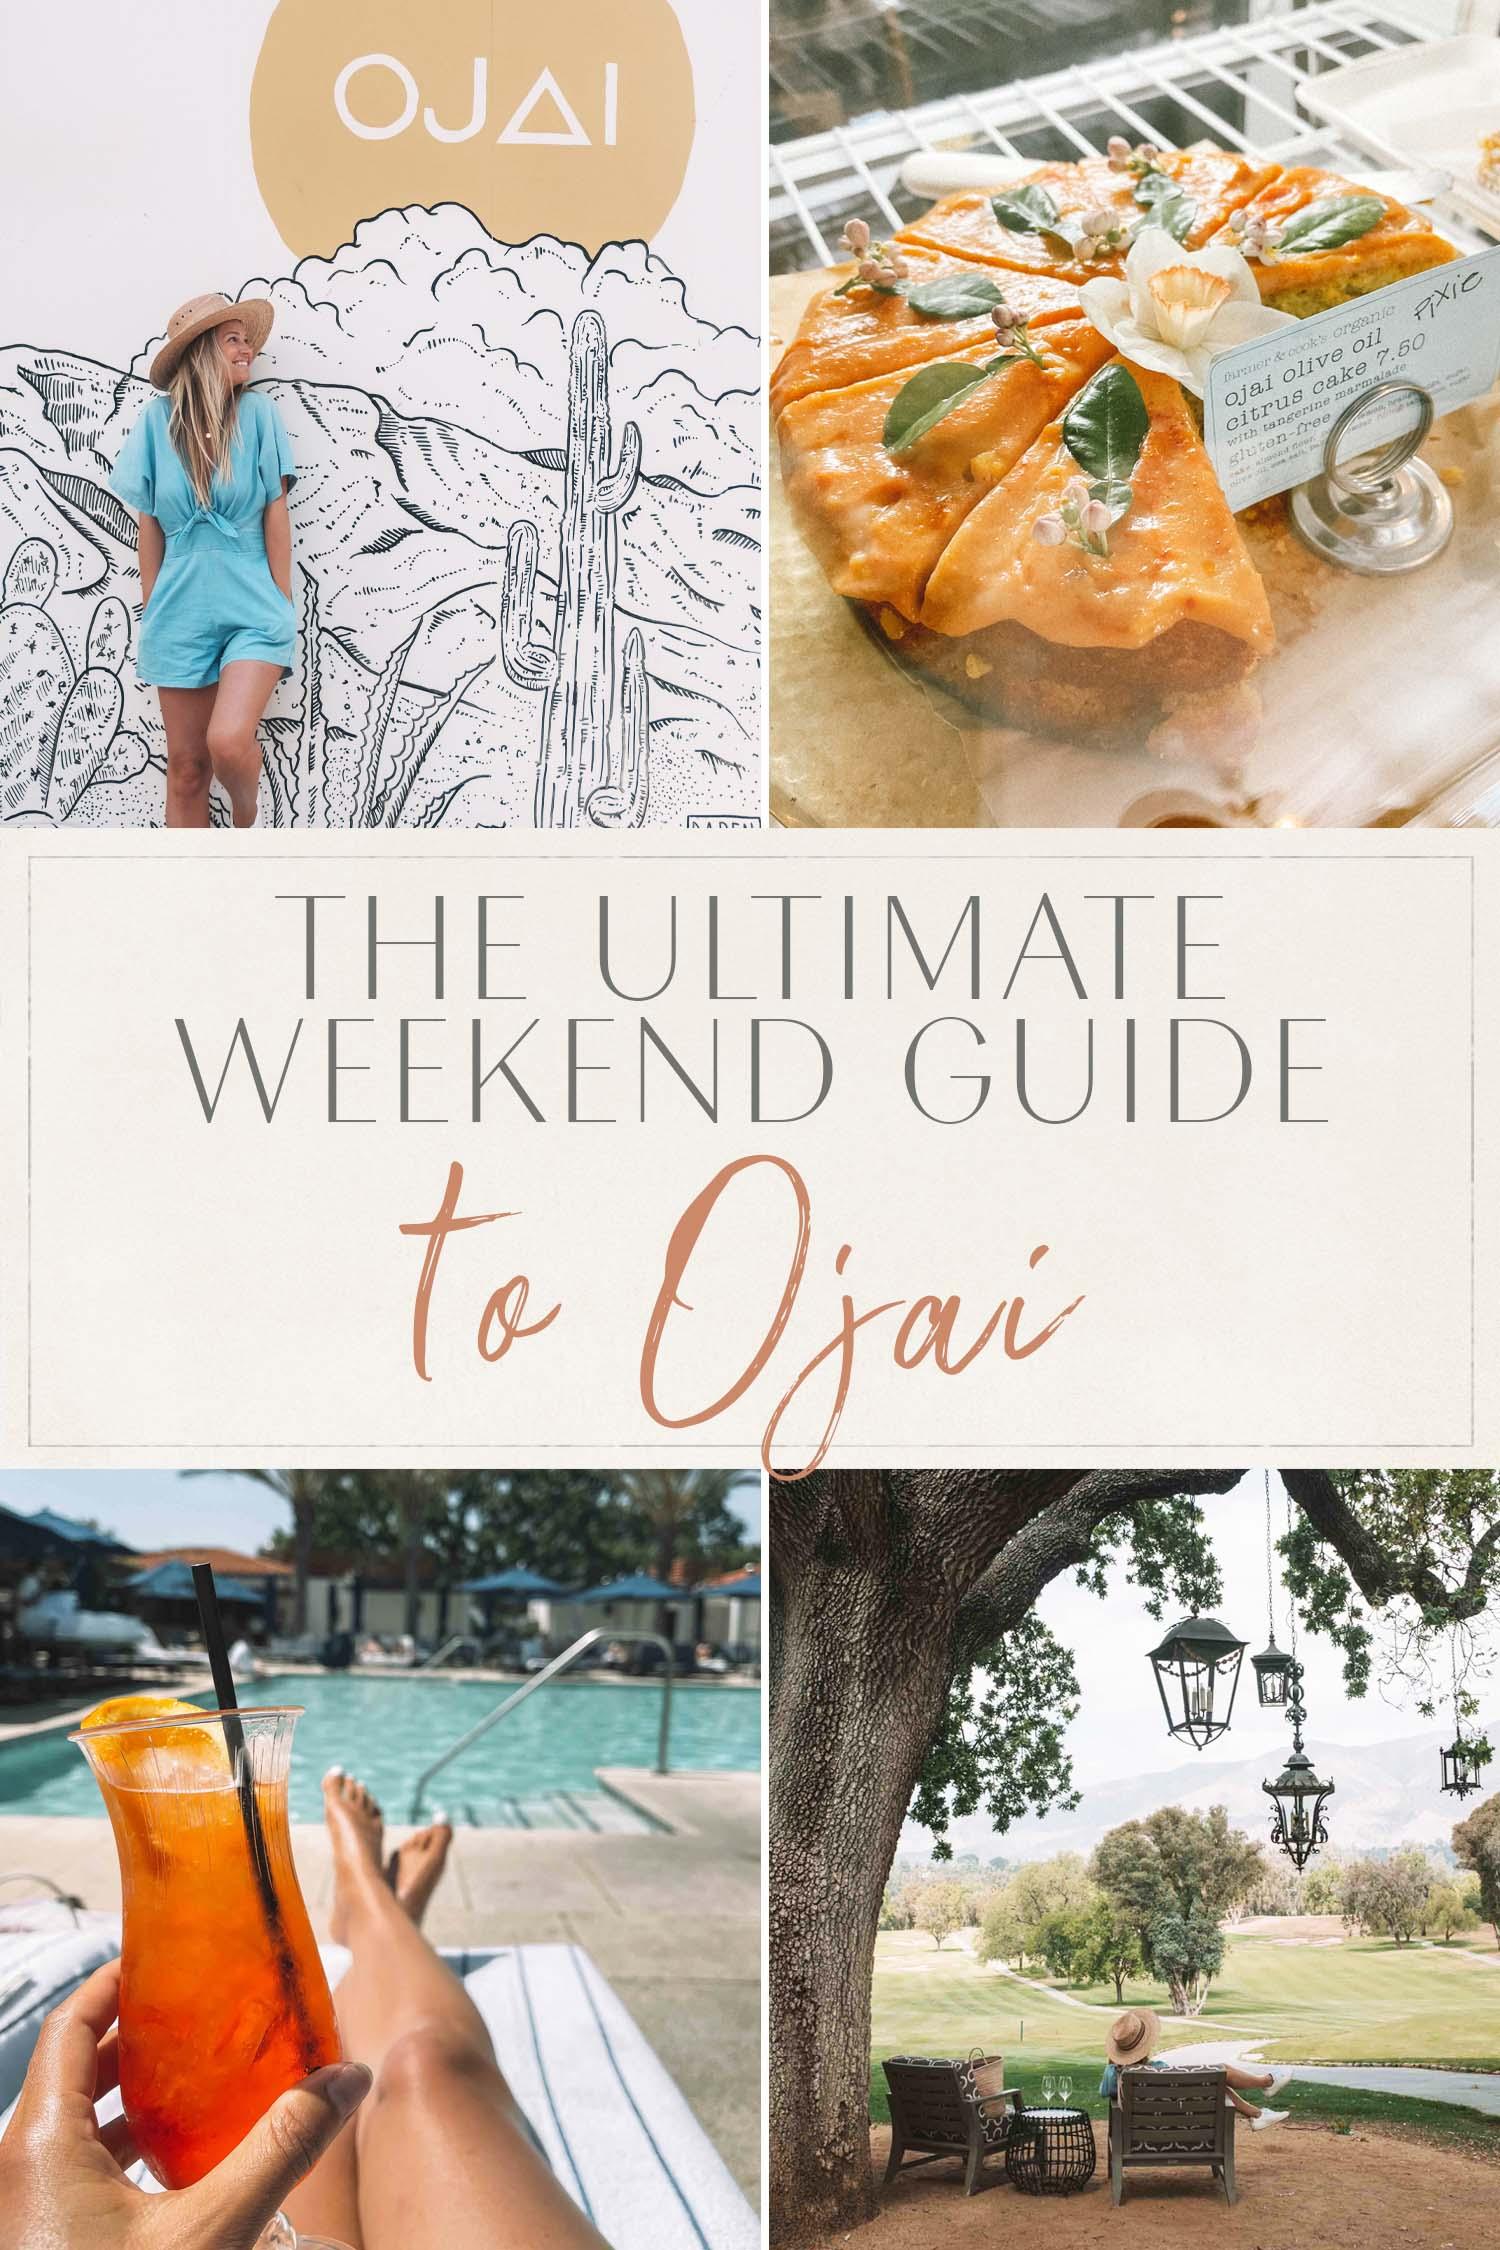 Ultimate Weekend Guide Ojai